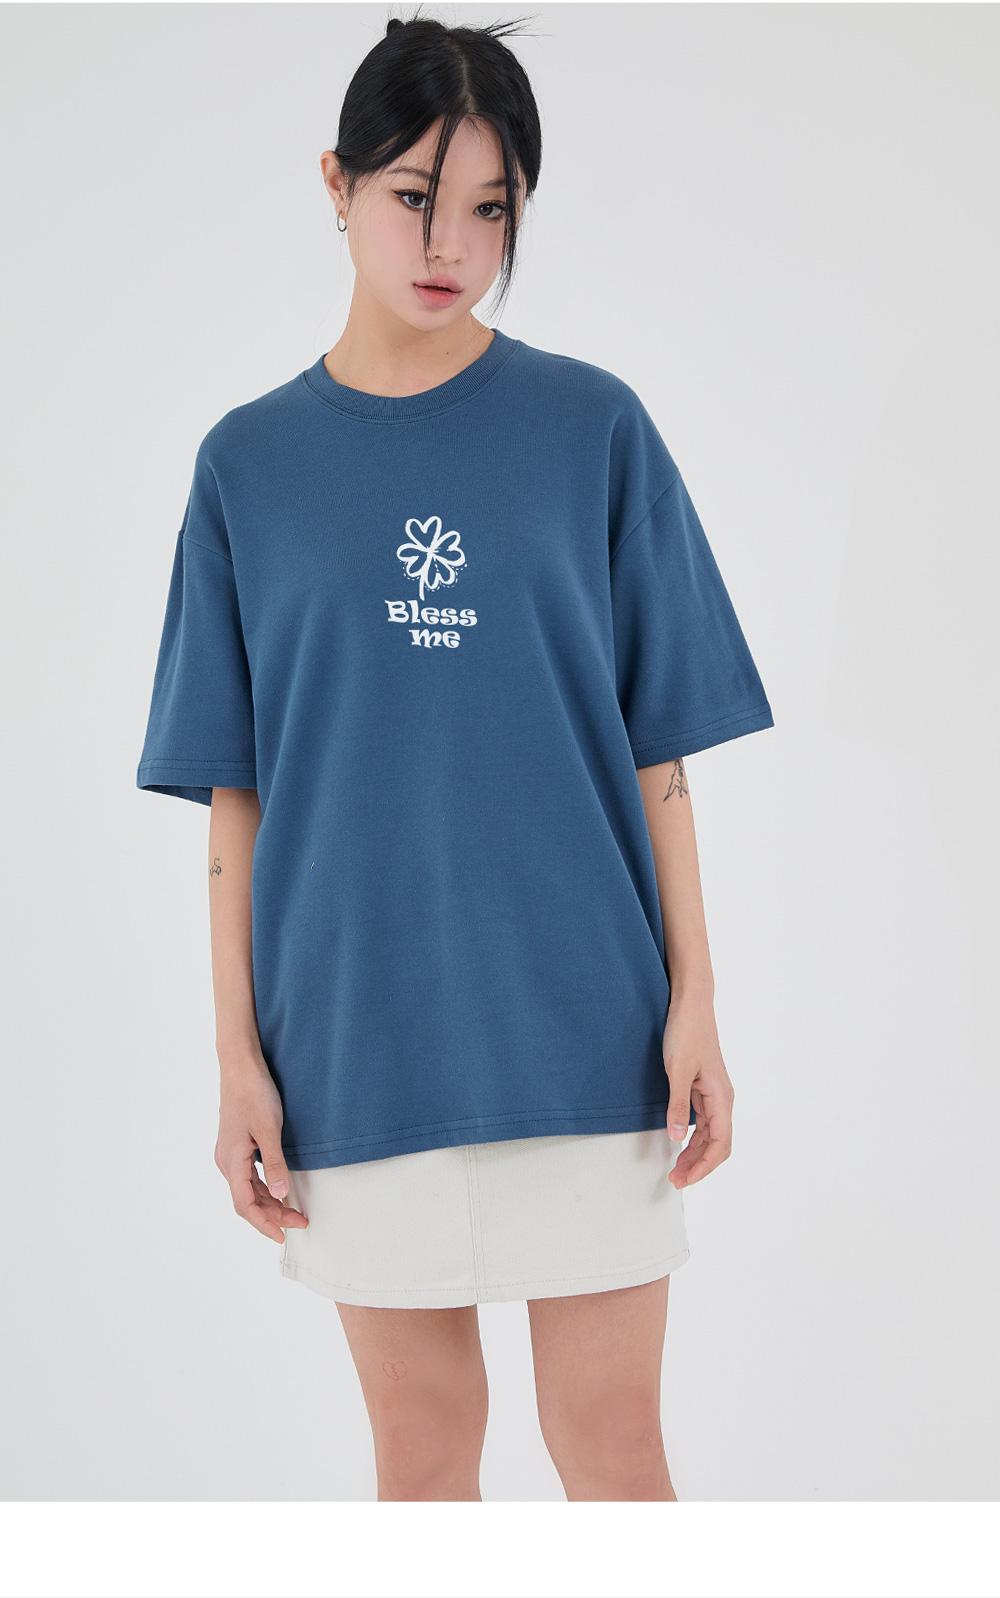 어커버(ACOVER) 블레스미 티셔츠 화이트